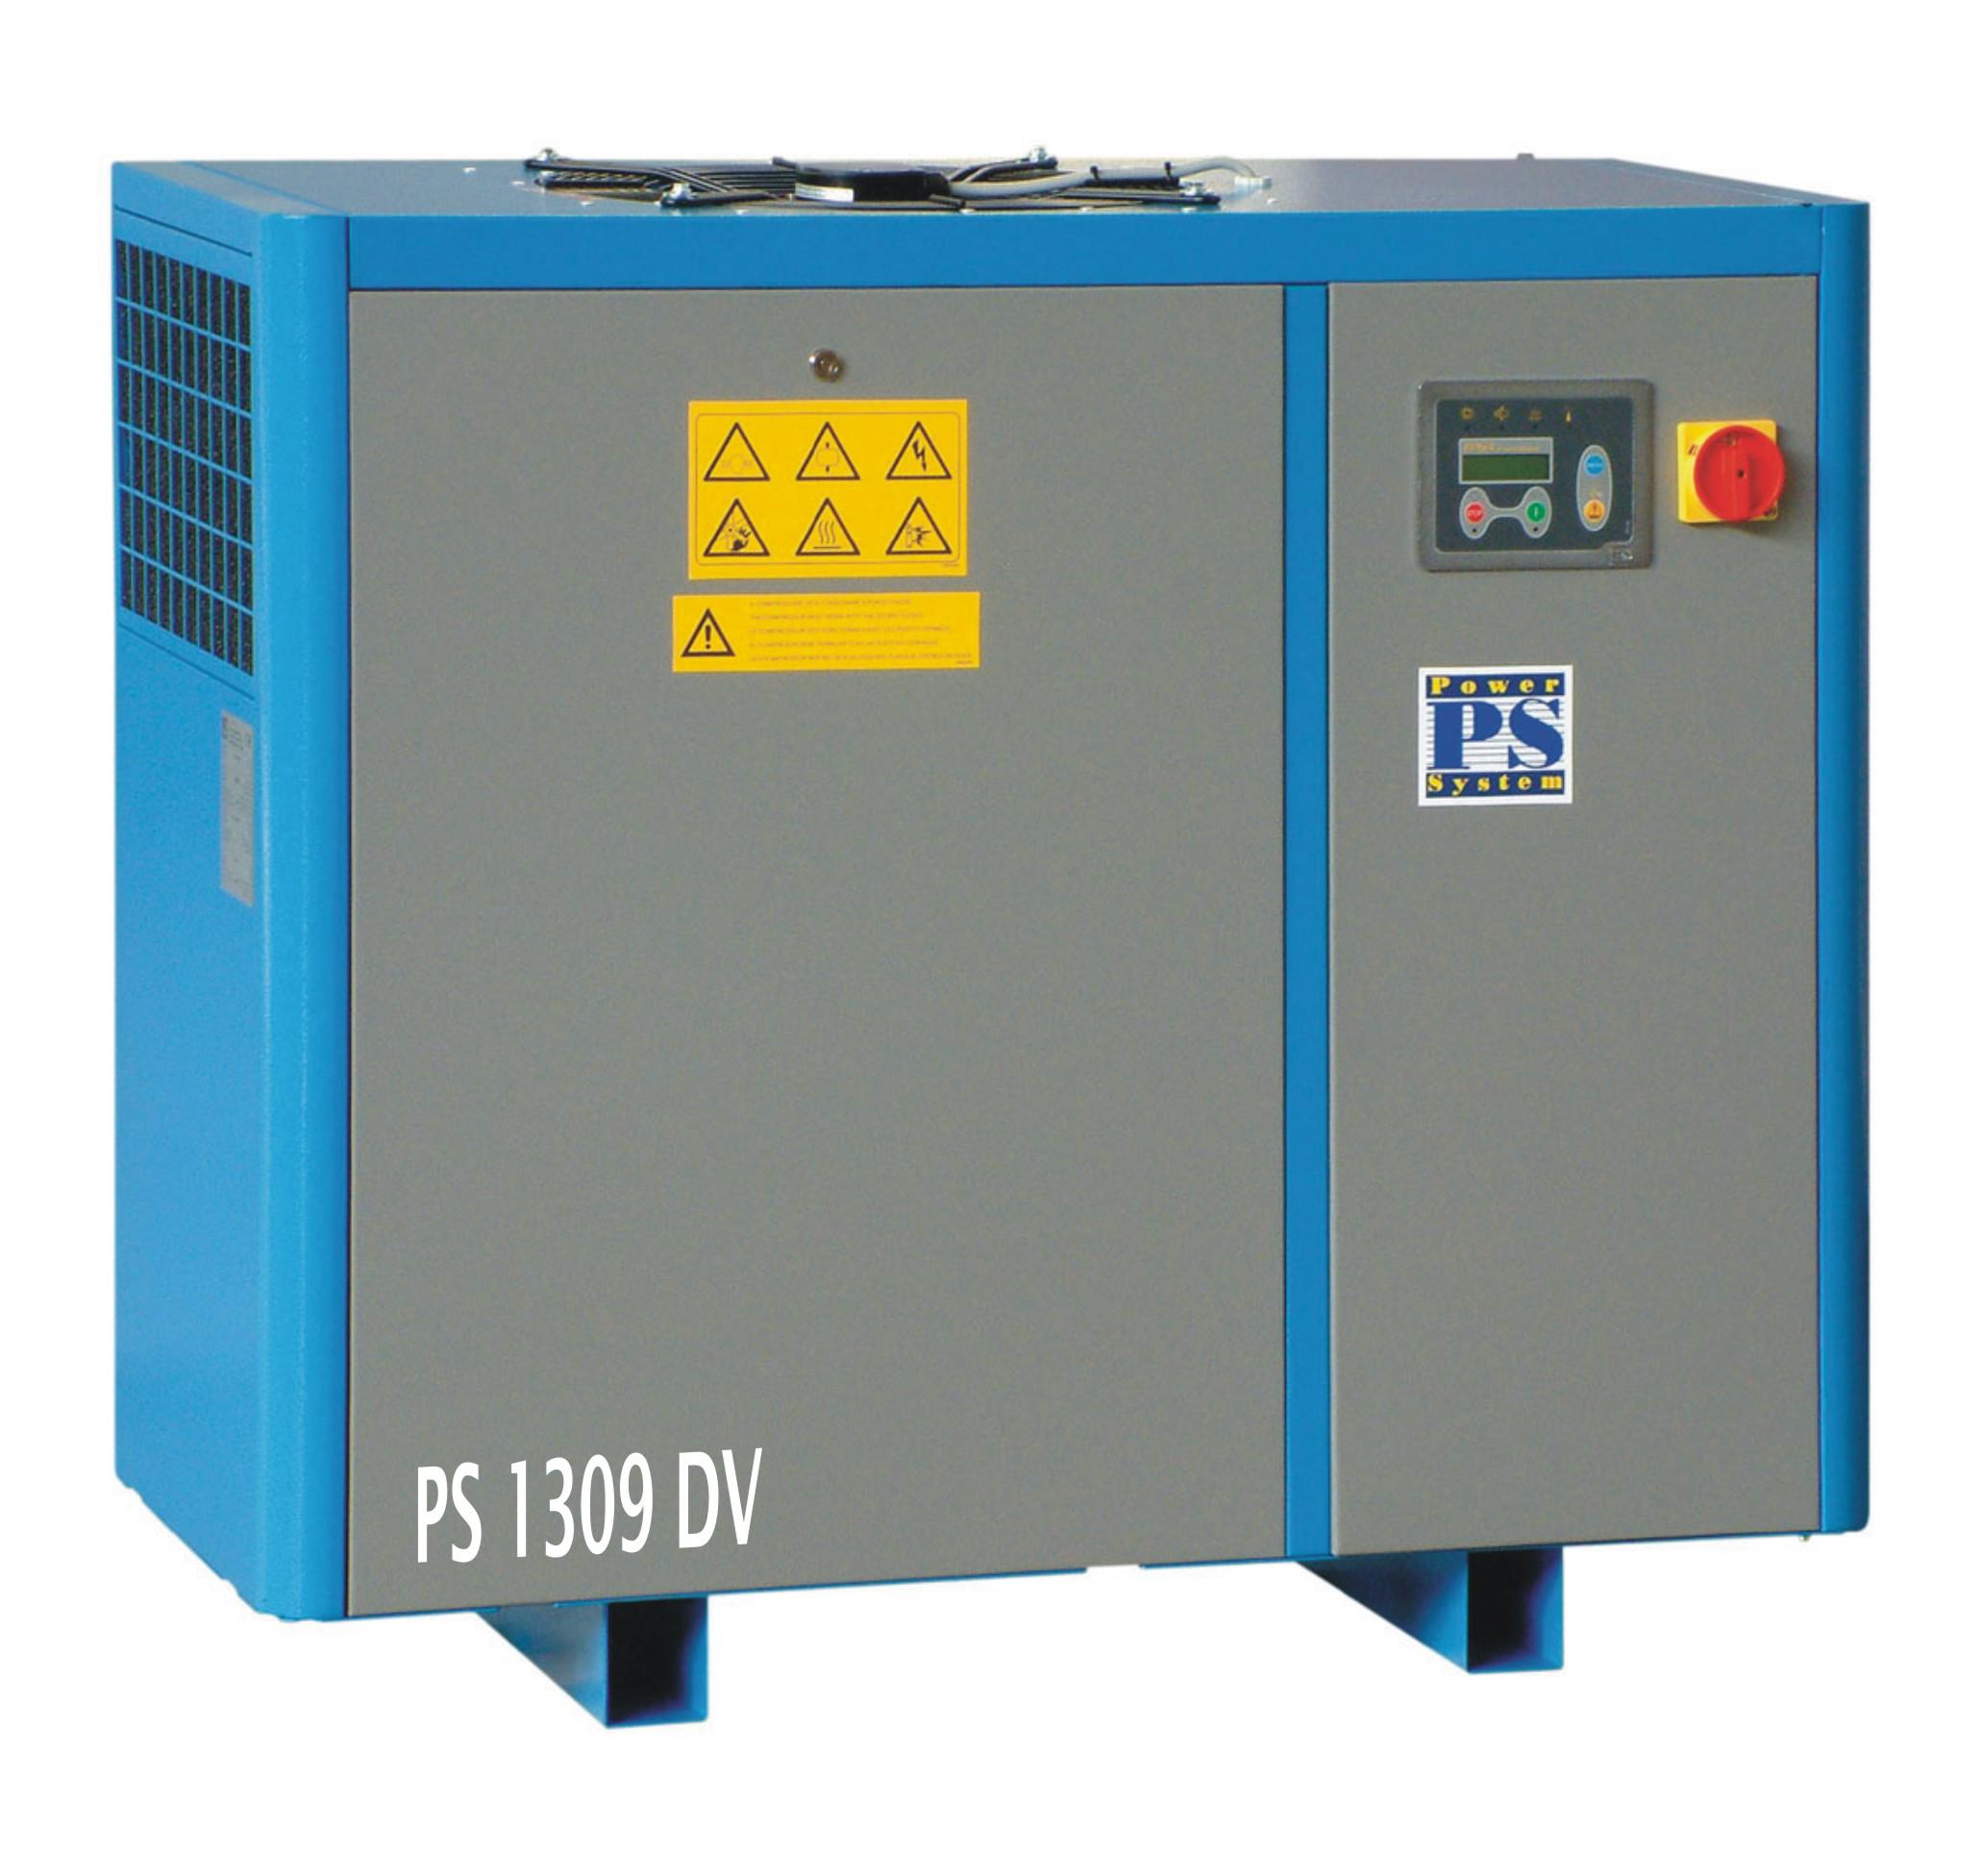 Šroubové kompresory s plynulou regulací série PS DV-PM